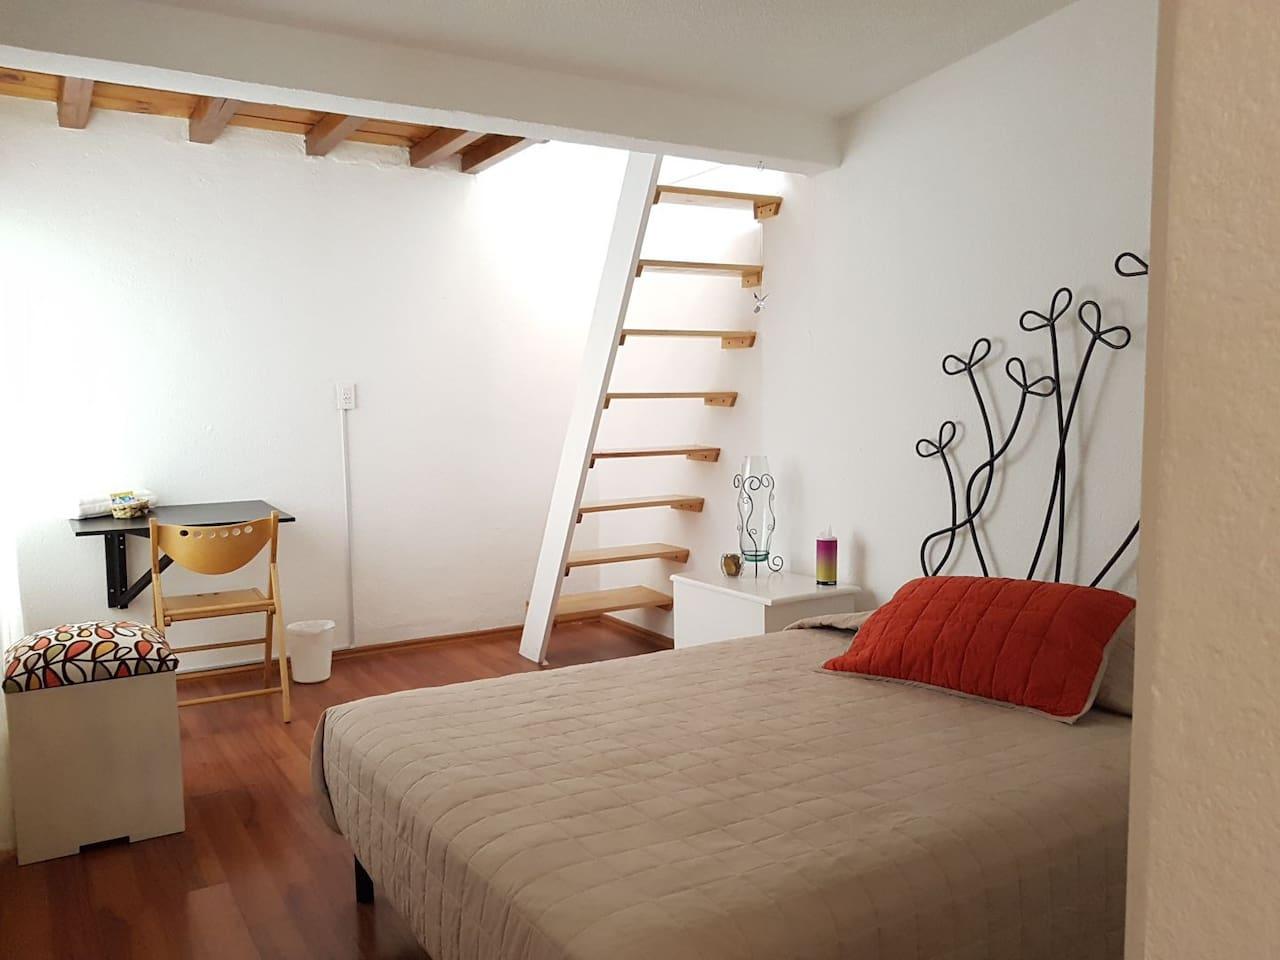 Habitación con cama matrimonial y pequeño tapanco